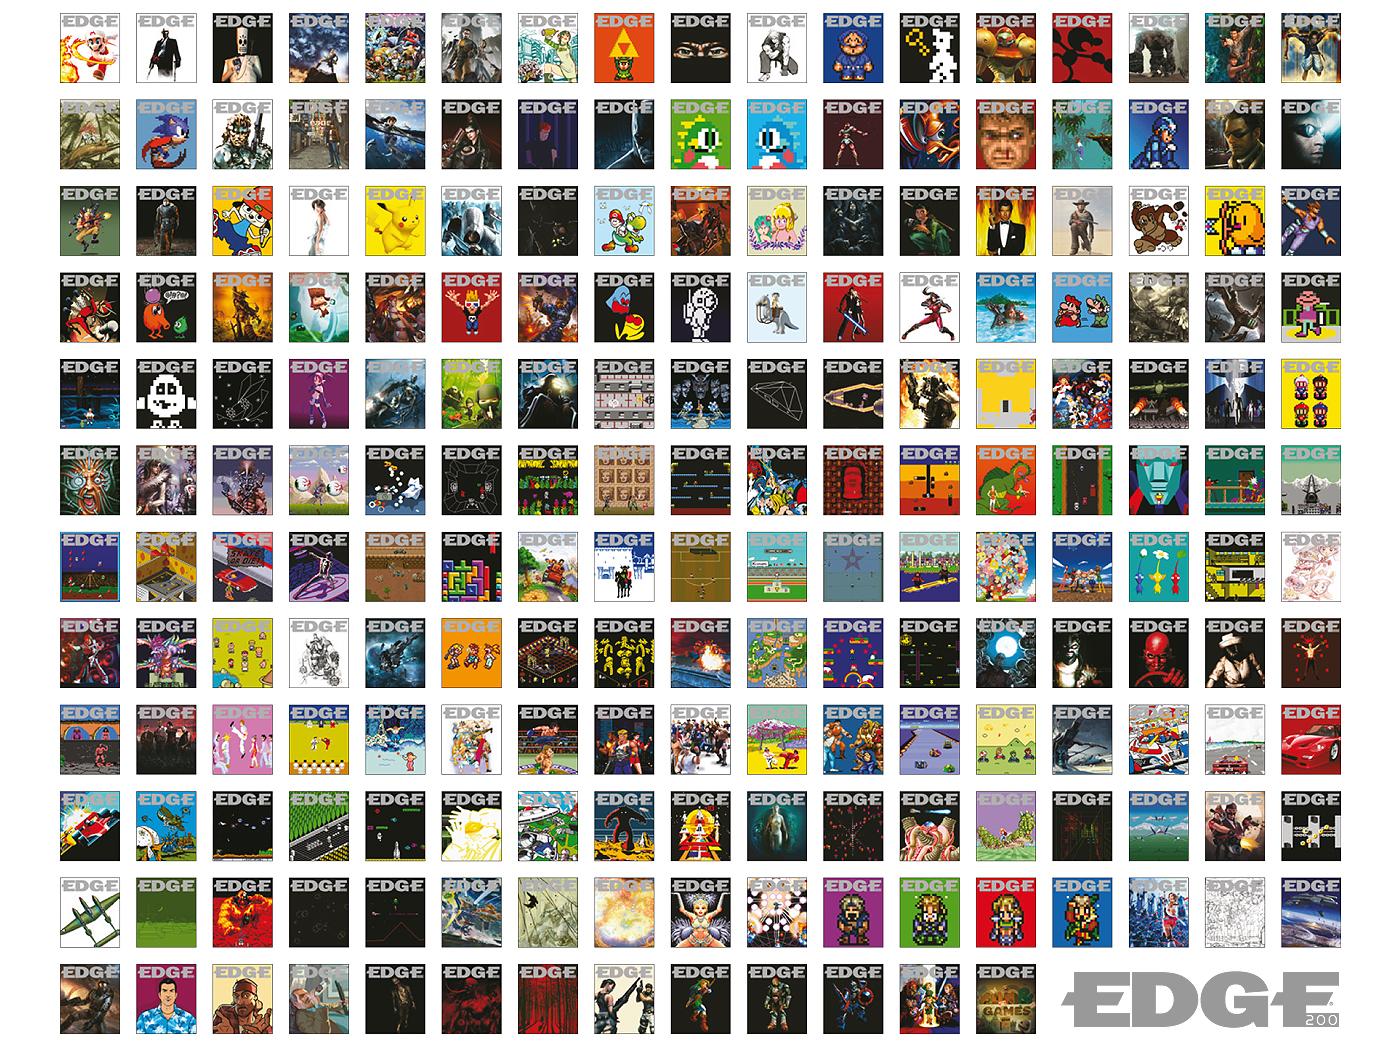 100 mejores juegos para ps2: